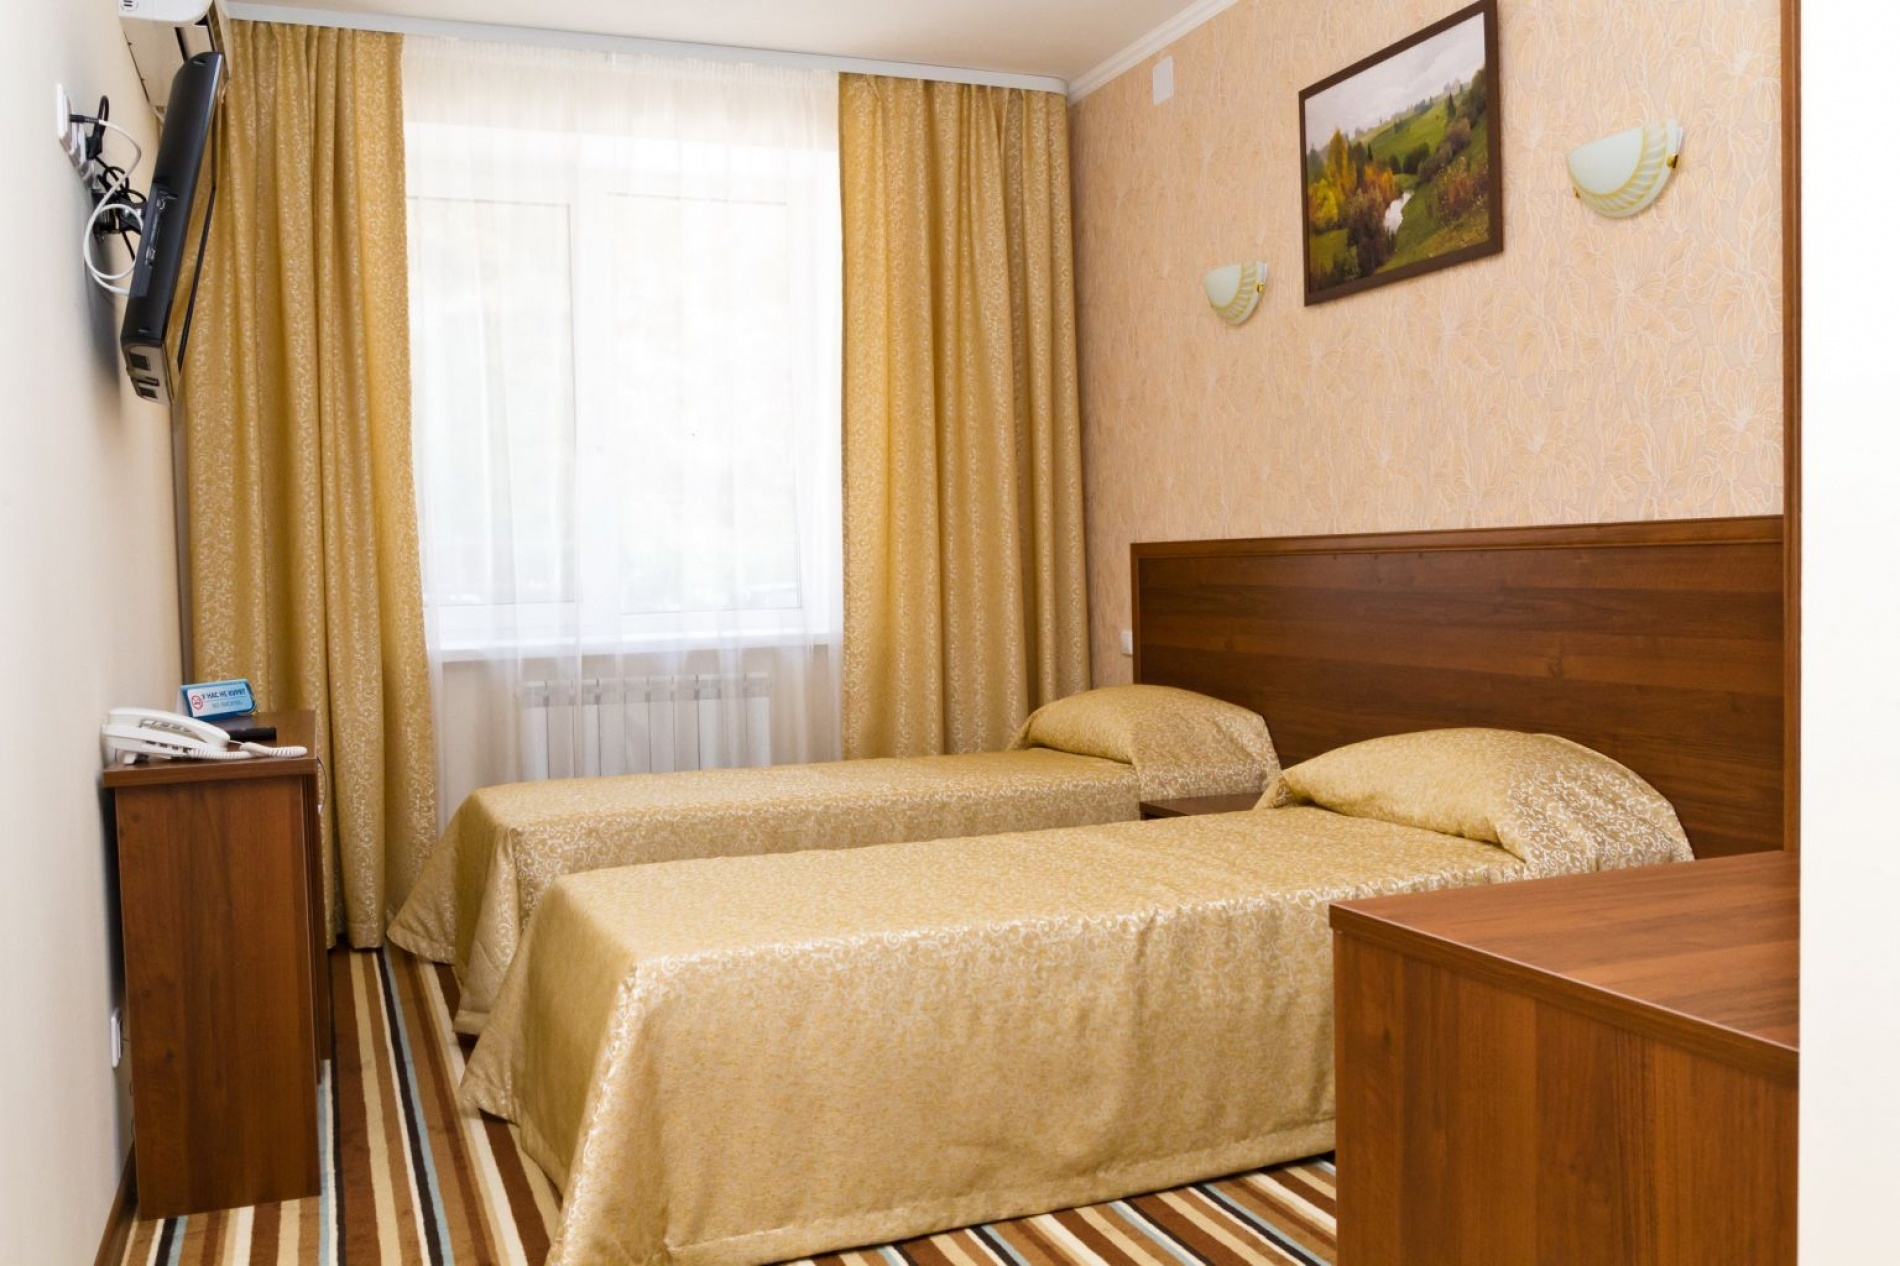 """База отдыха """"Верхний Бор"""" Тюменская область СПА-отеле """"Источник"""" номер 8-местный 5-комнатный , фото 2"""